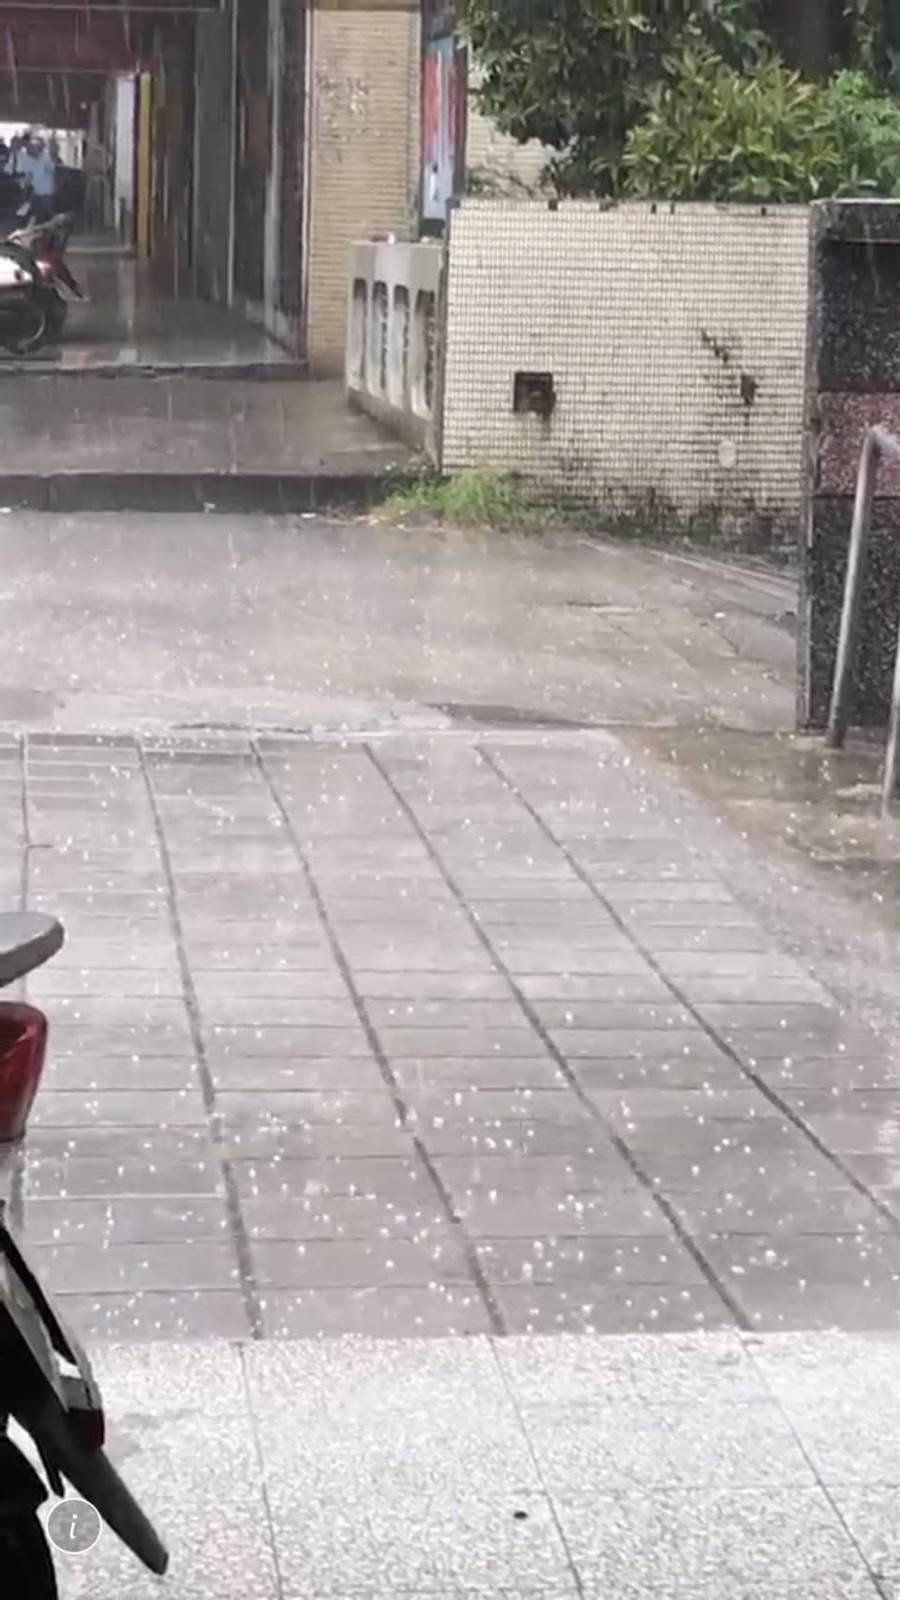 基隆市安樂區安樂路二段下起冰雹。(張穎齊攝)